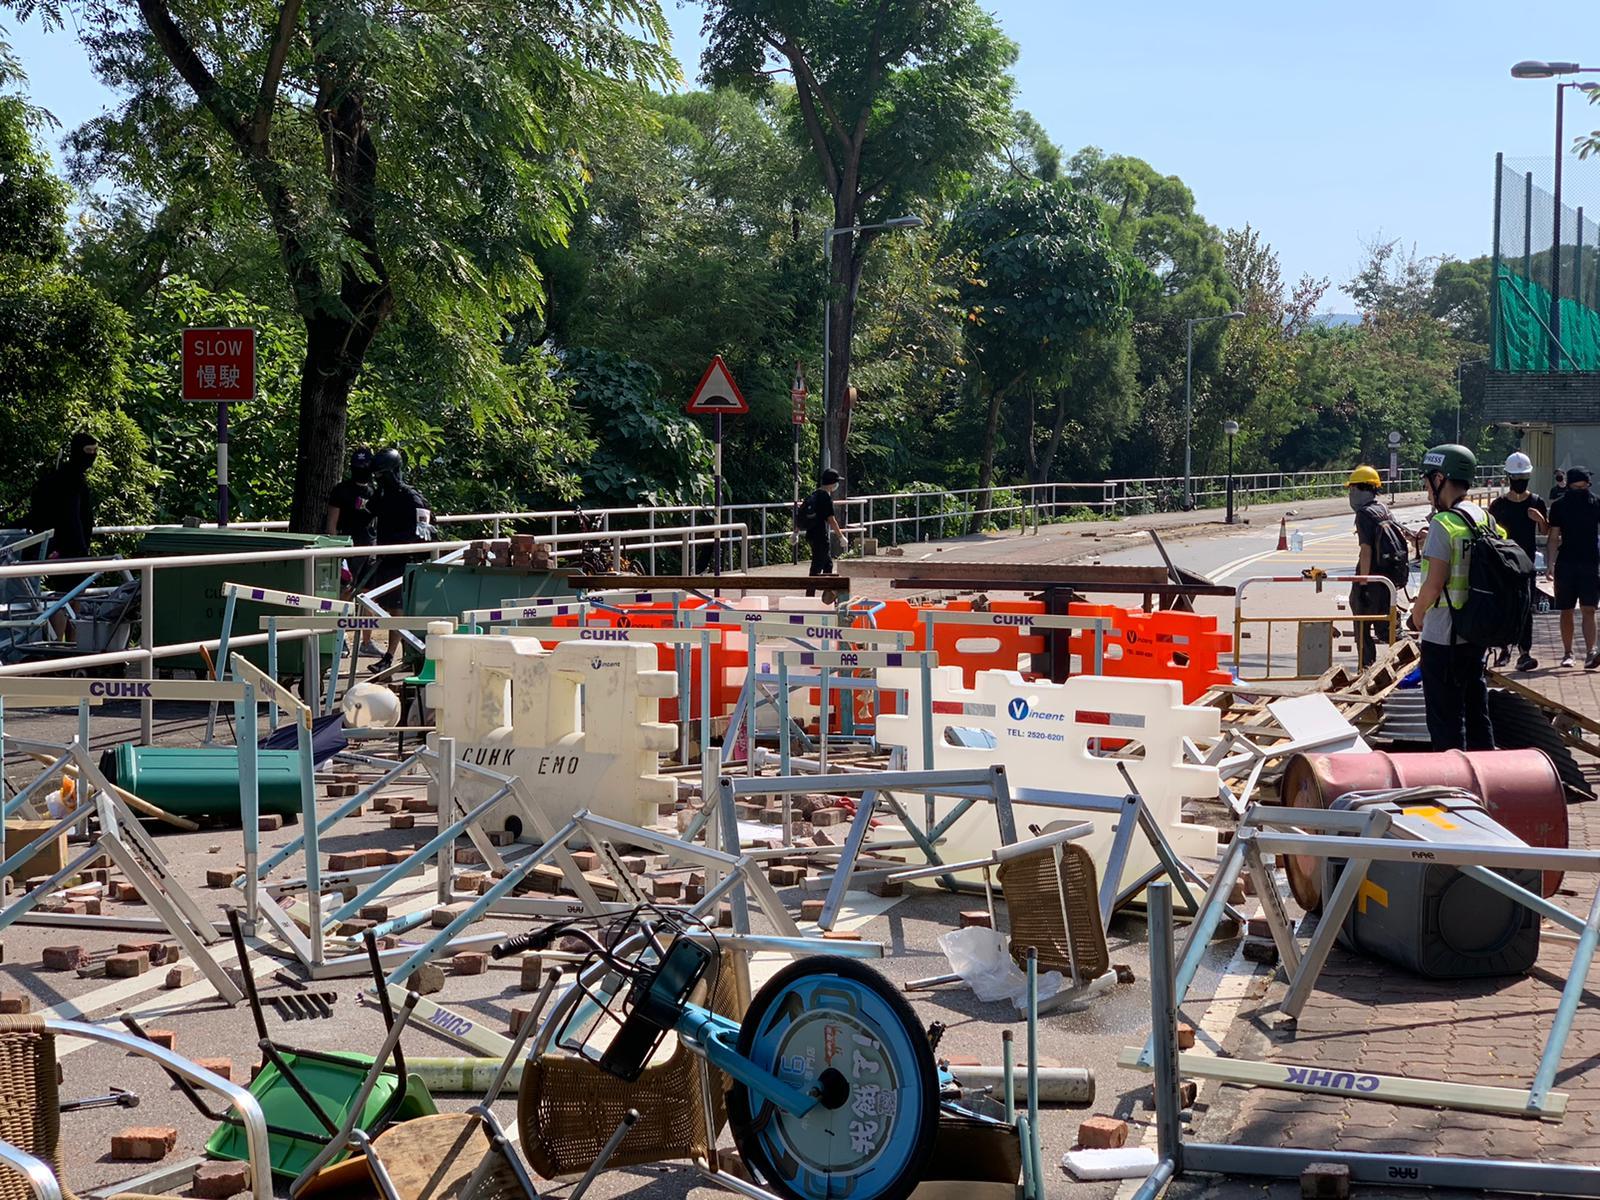 【大三罢】锯棕榈树堵路 吐露港公路受阻科学园路一度开通